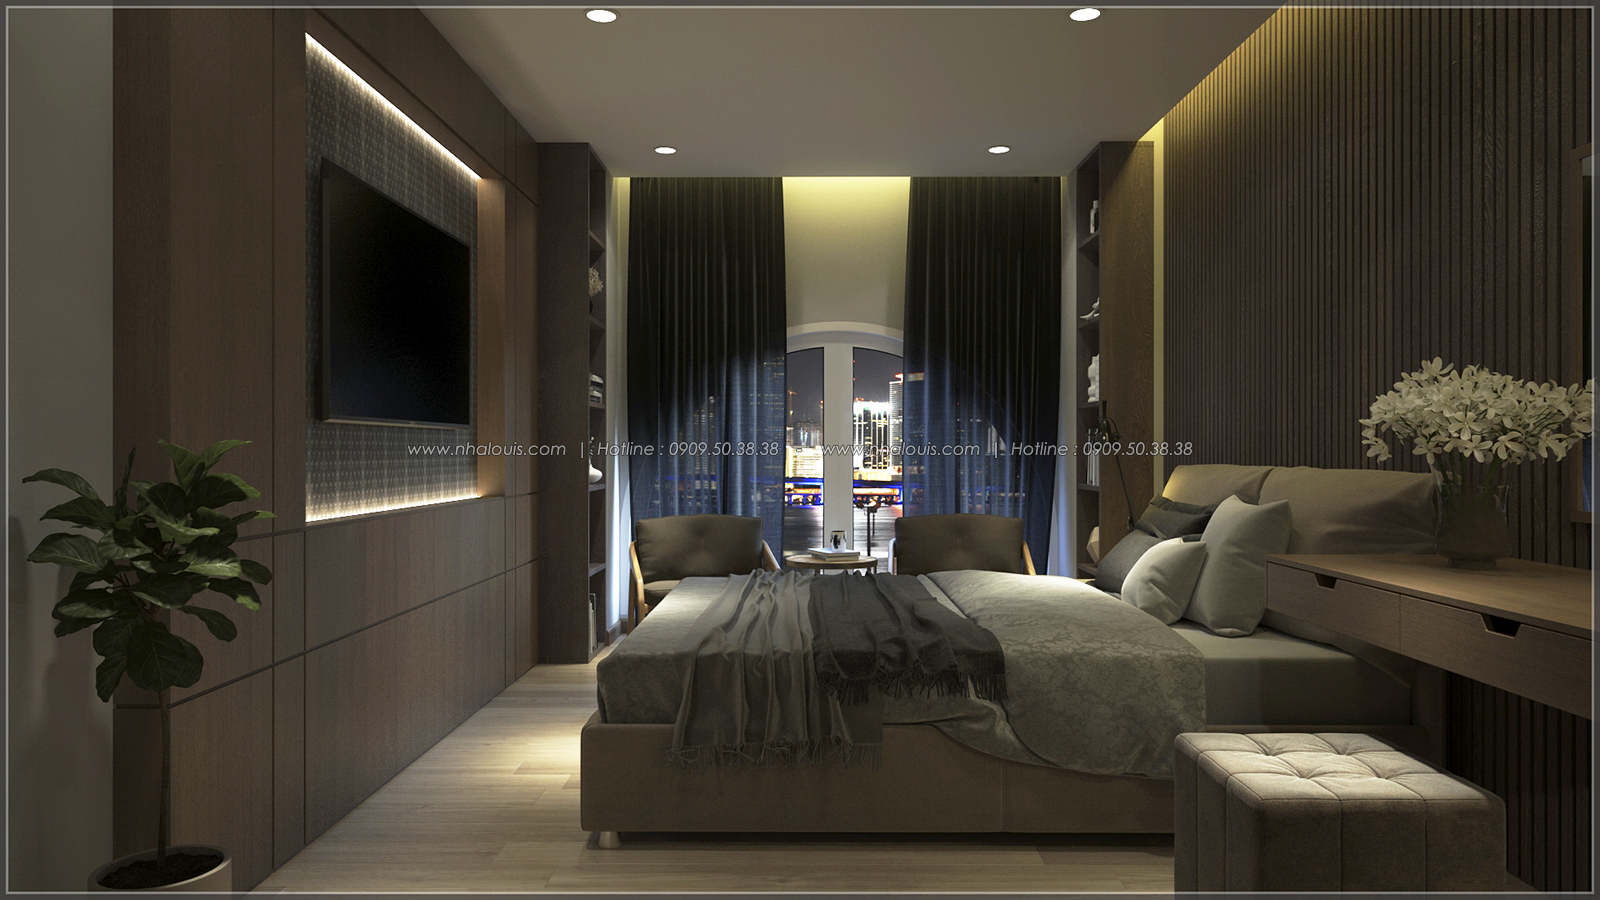 Làm sao để có thể sở hữu một không gian nhà đẹp diện tích nhỏ